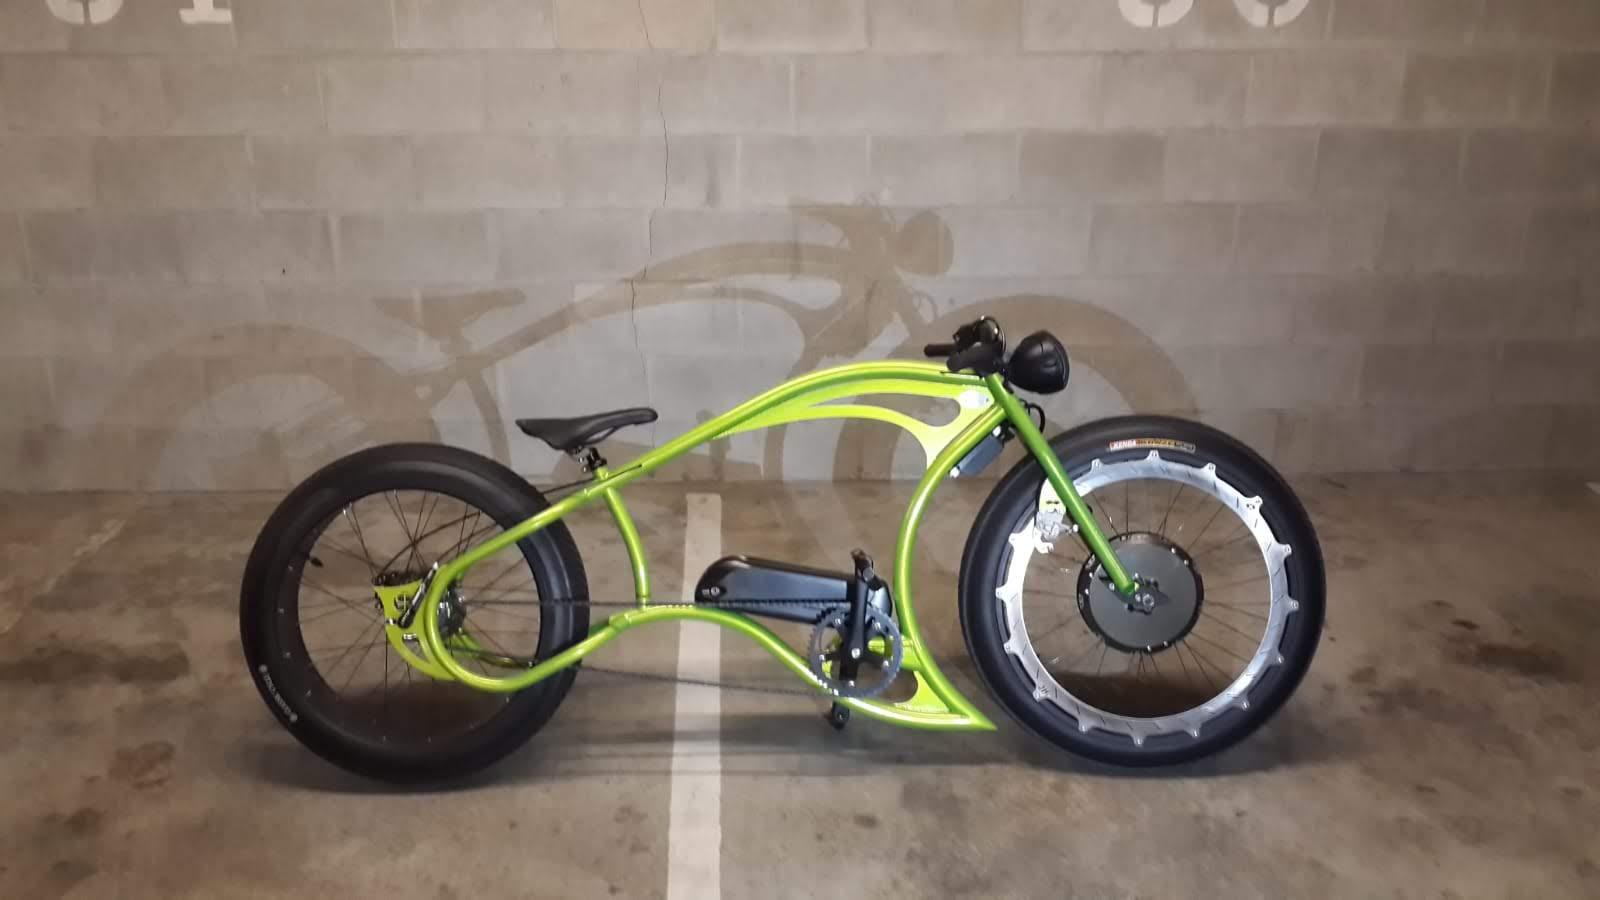 Eastvanchopcycle